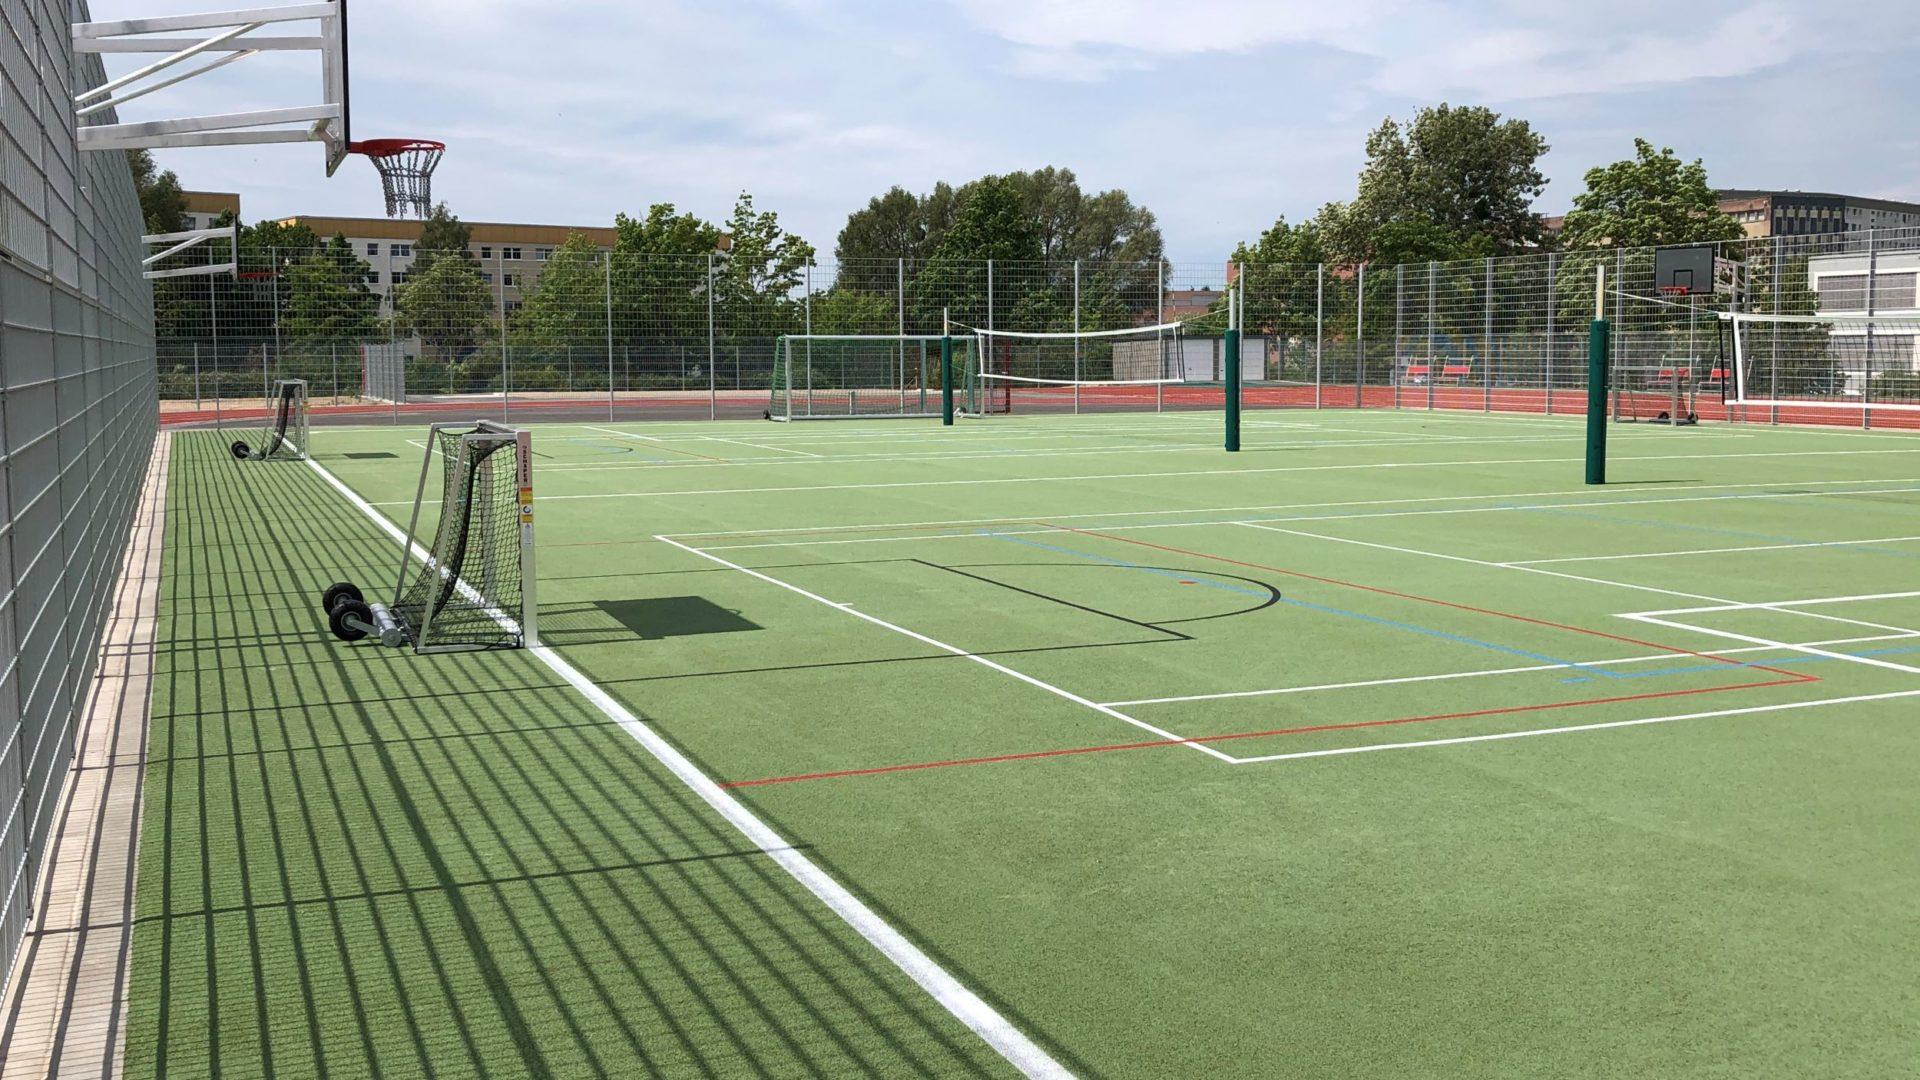 Sportstätte Brancenburg